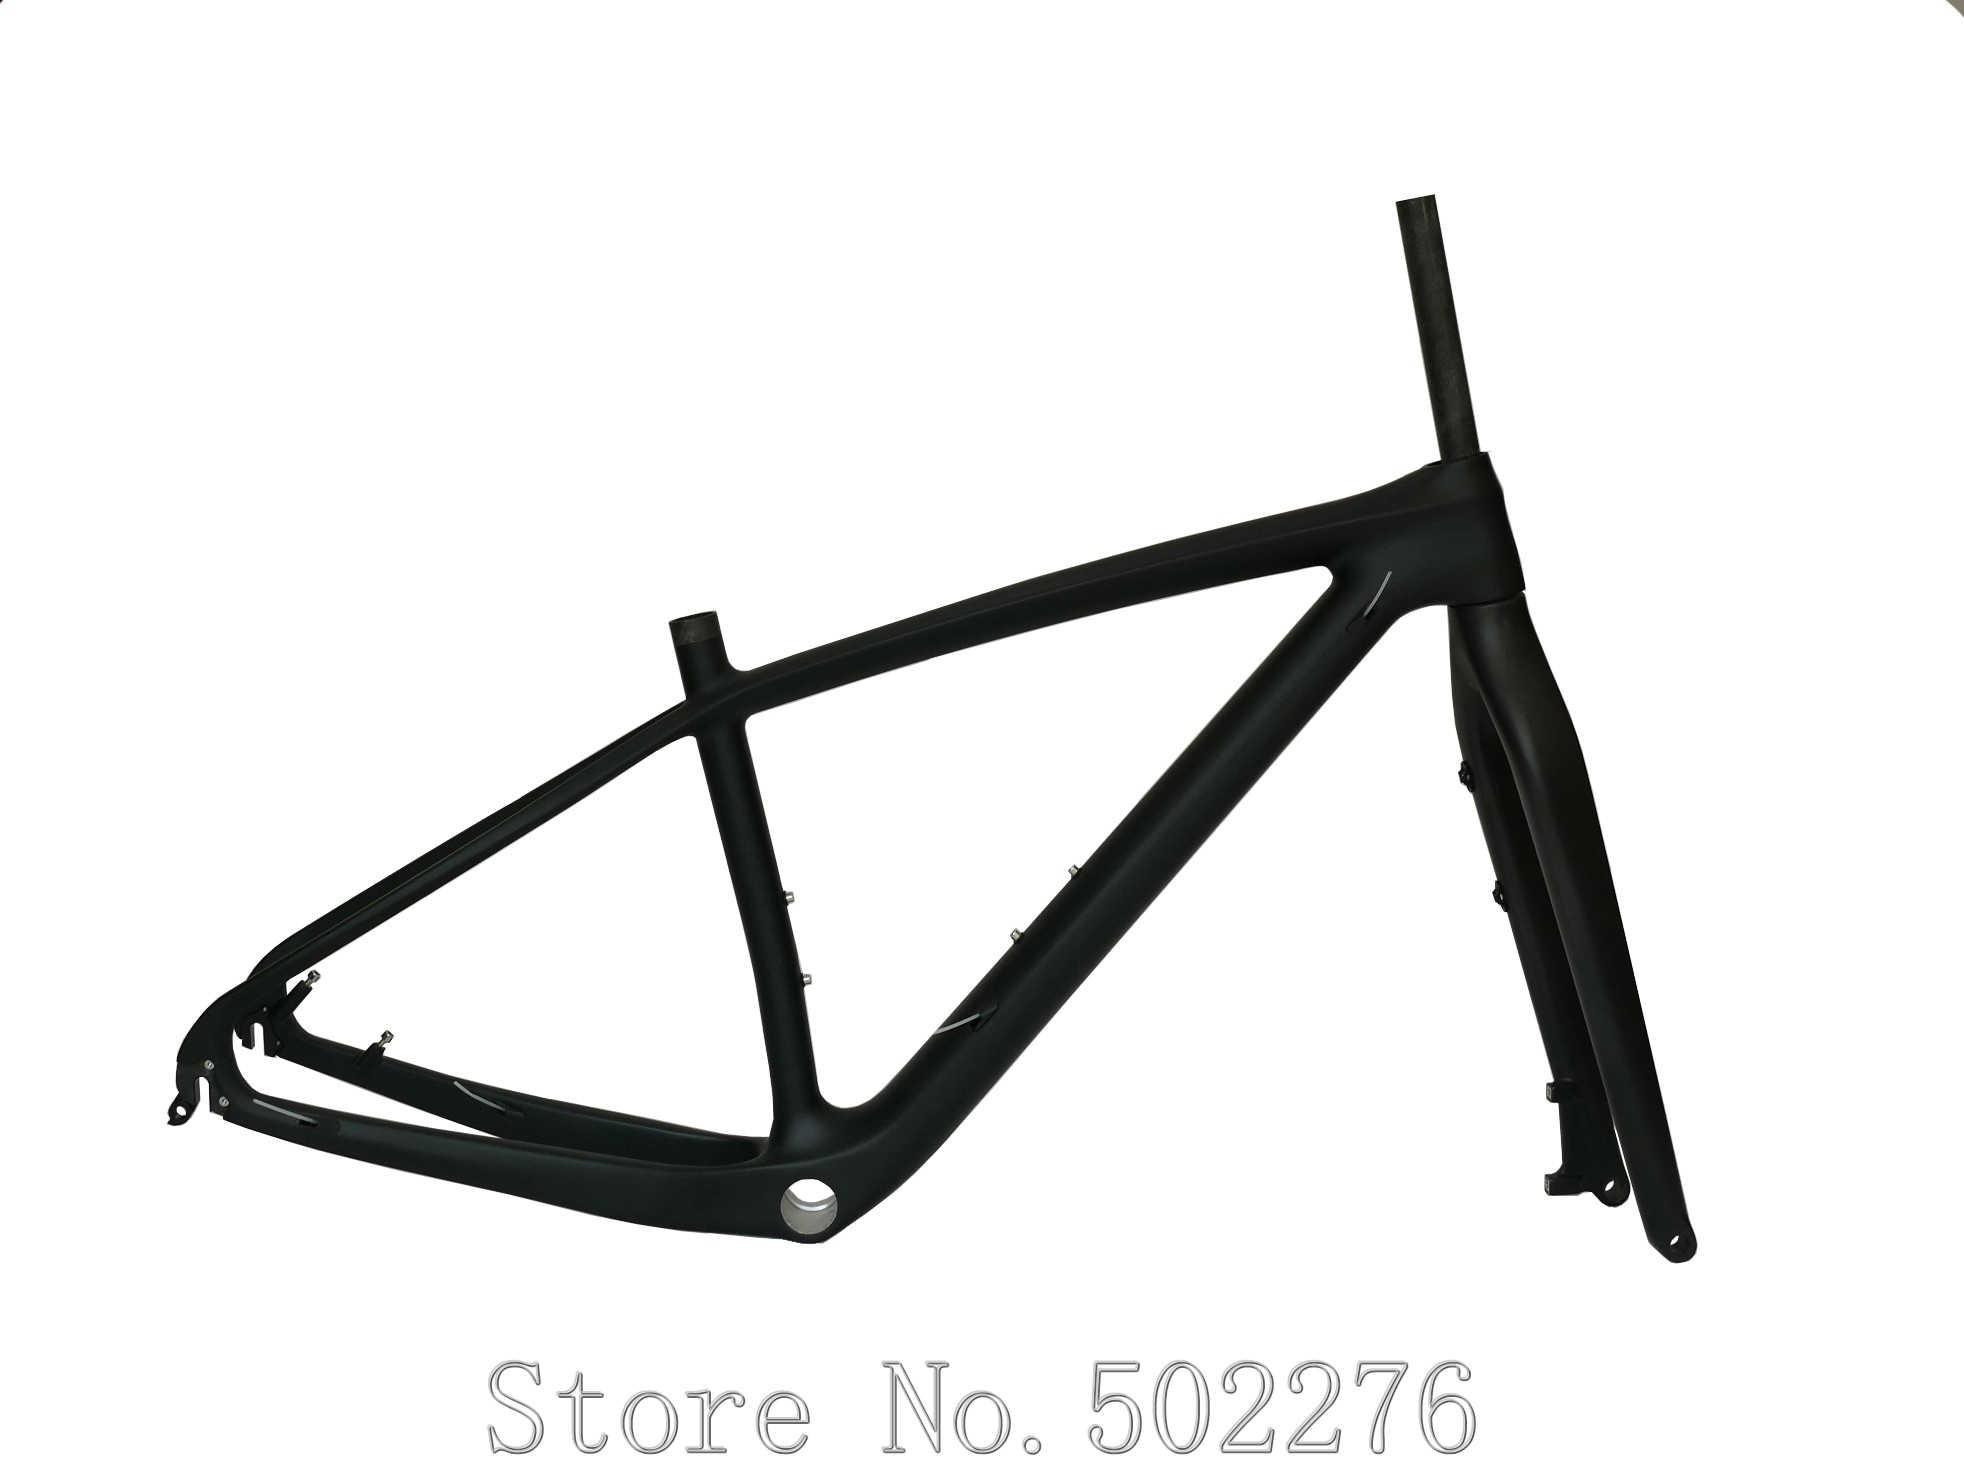 """Haute qualité 29er vtt pleine Fiber de carbone VTT vélo 29ER cadre 15.5 """"à travers l'essieu 142*12mm + fourche 15*100mm essieu"""